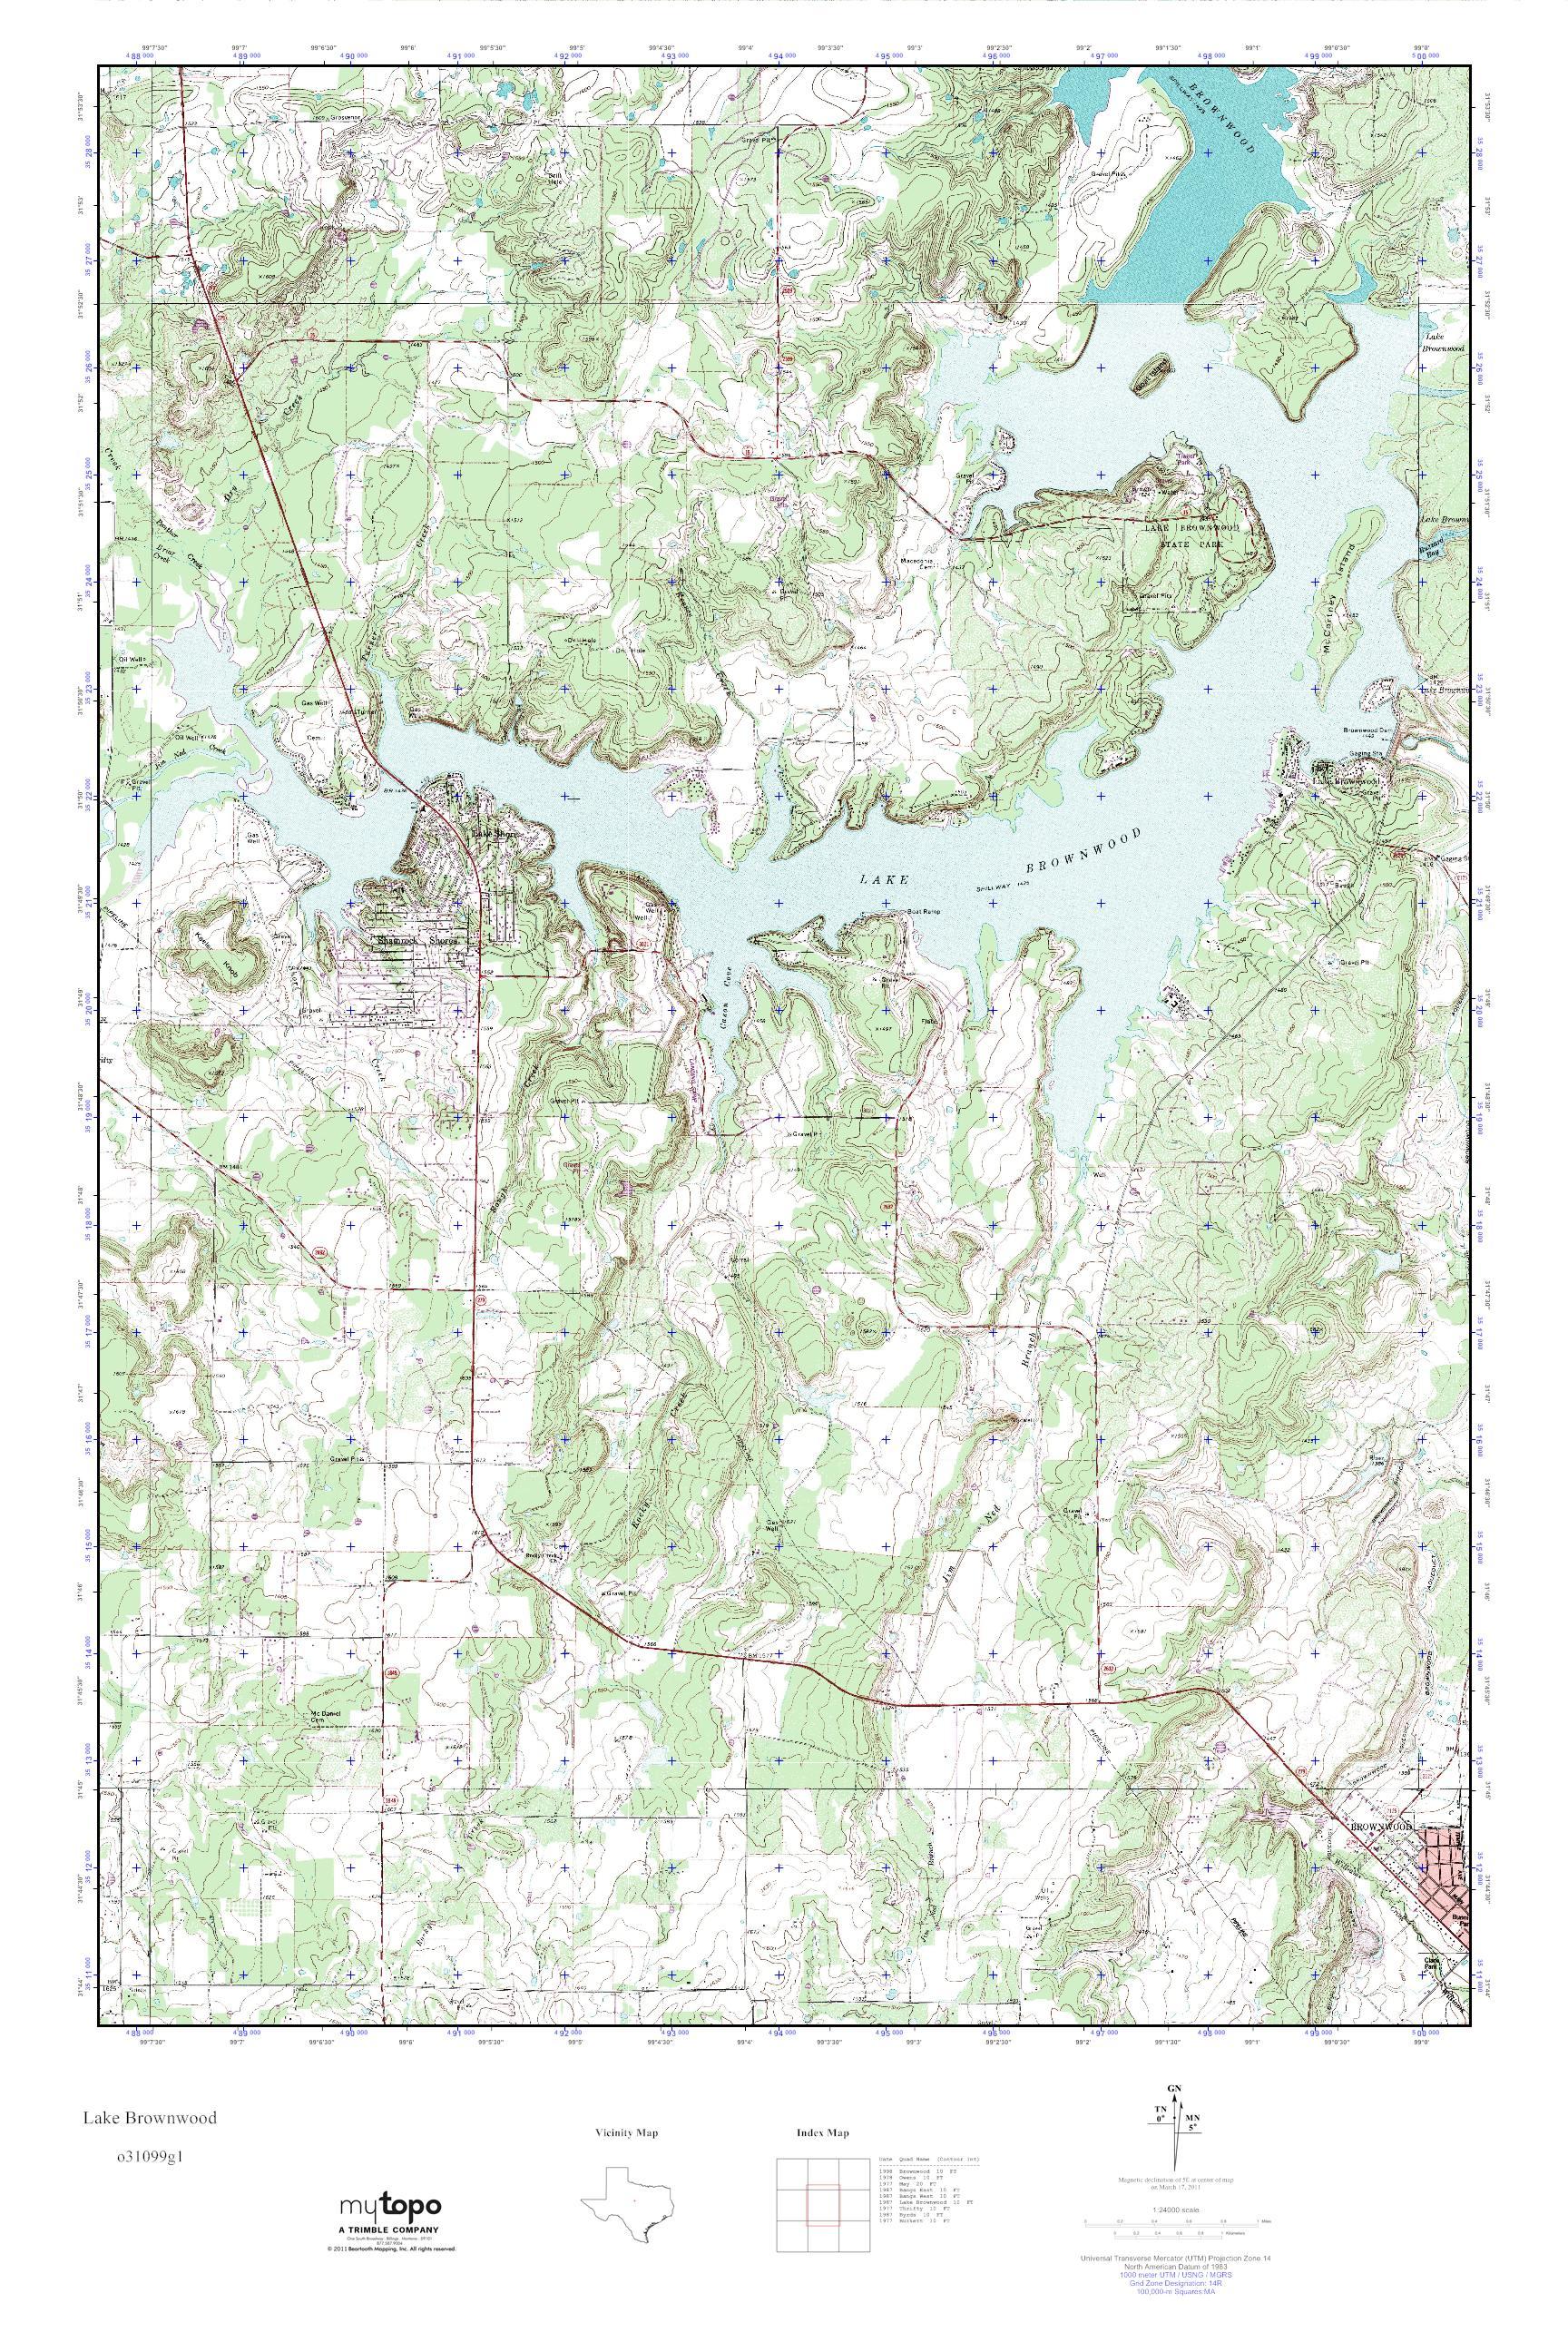 MyTopo Lake Brownwood, Texas USGS Quad Topo Map on lake sumter landing map, lake seminole map, white rock lake map, lake nocona map, lake sumter florida map, lake pueblo map, lake nacogdoches map, lake texana map, braunig lake map, lake alice map, lake mineral wells map, lake o the pines map, lake arrowhead map, lake union map, lake ivy texas, lake bob sandlin map, lake houston map, seeley lake area map, indian lake state park map, chippewa lake map,